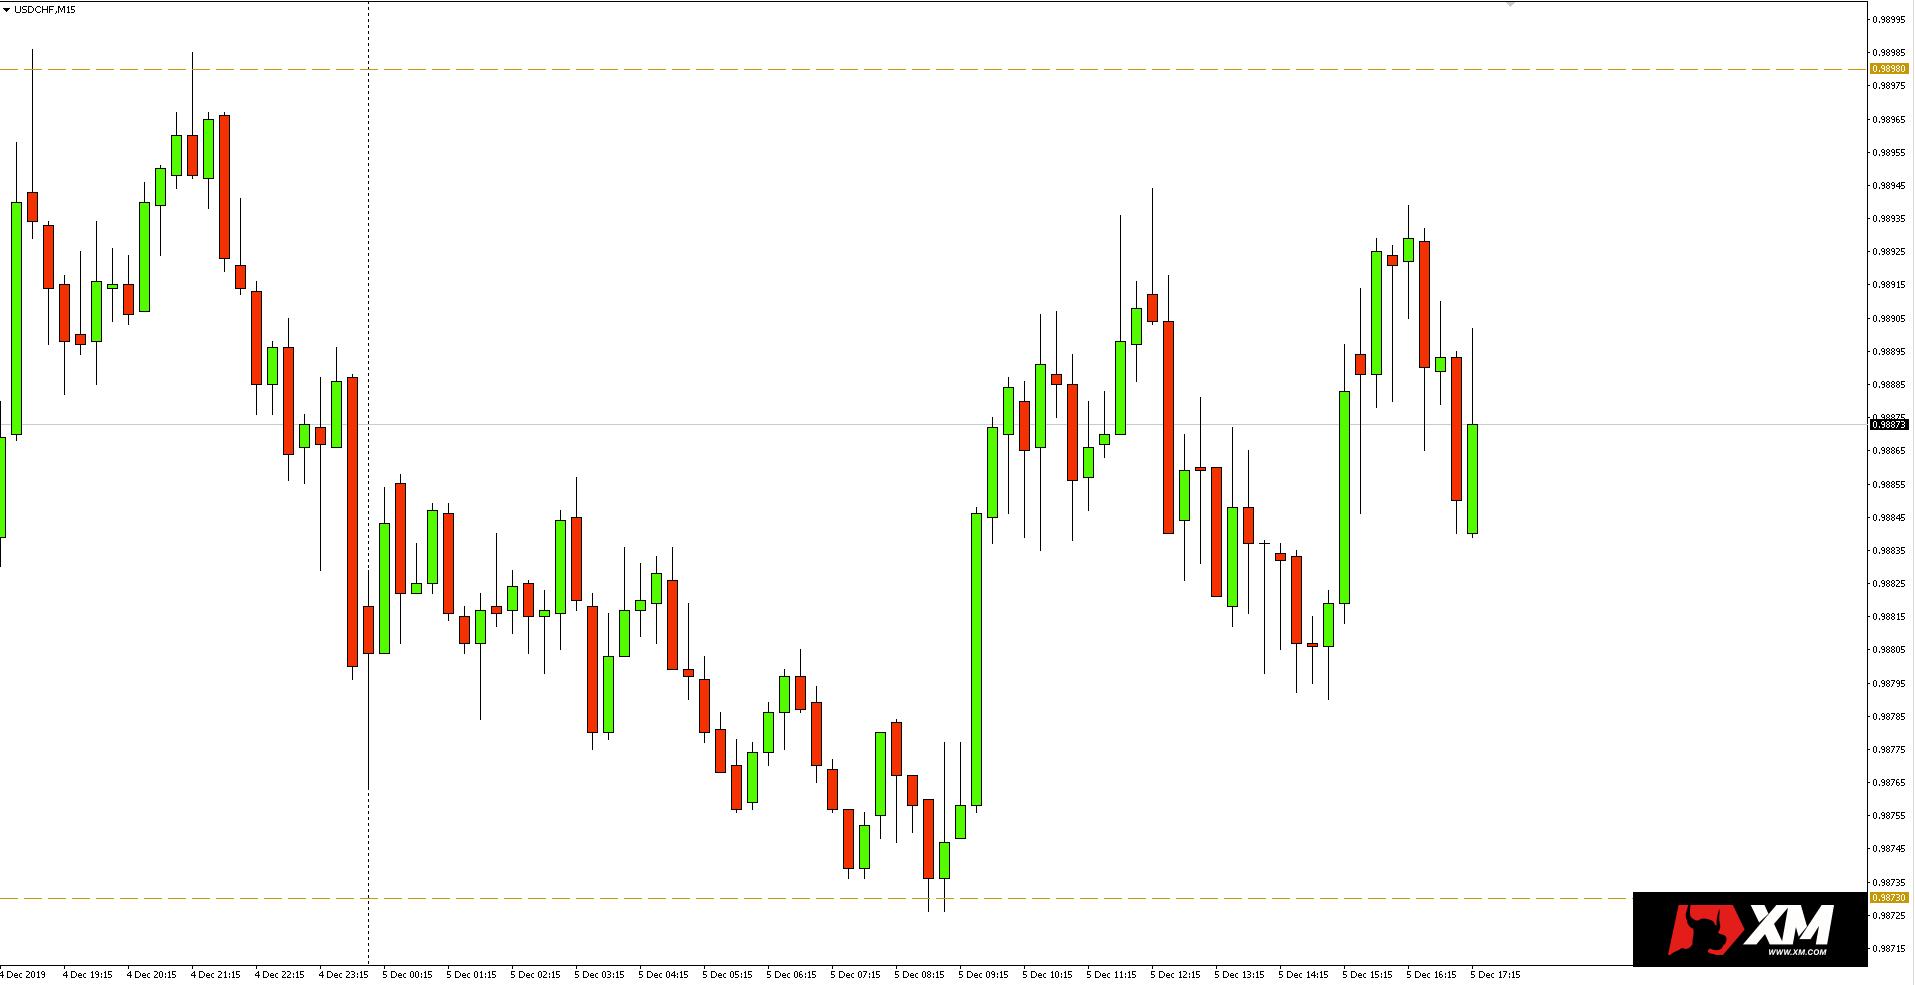 Wykres 15-minutowy pary walutowej USDCHF - 05.12.12019 r.